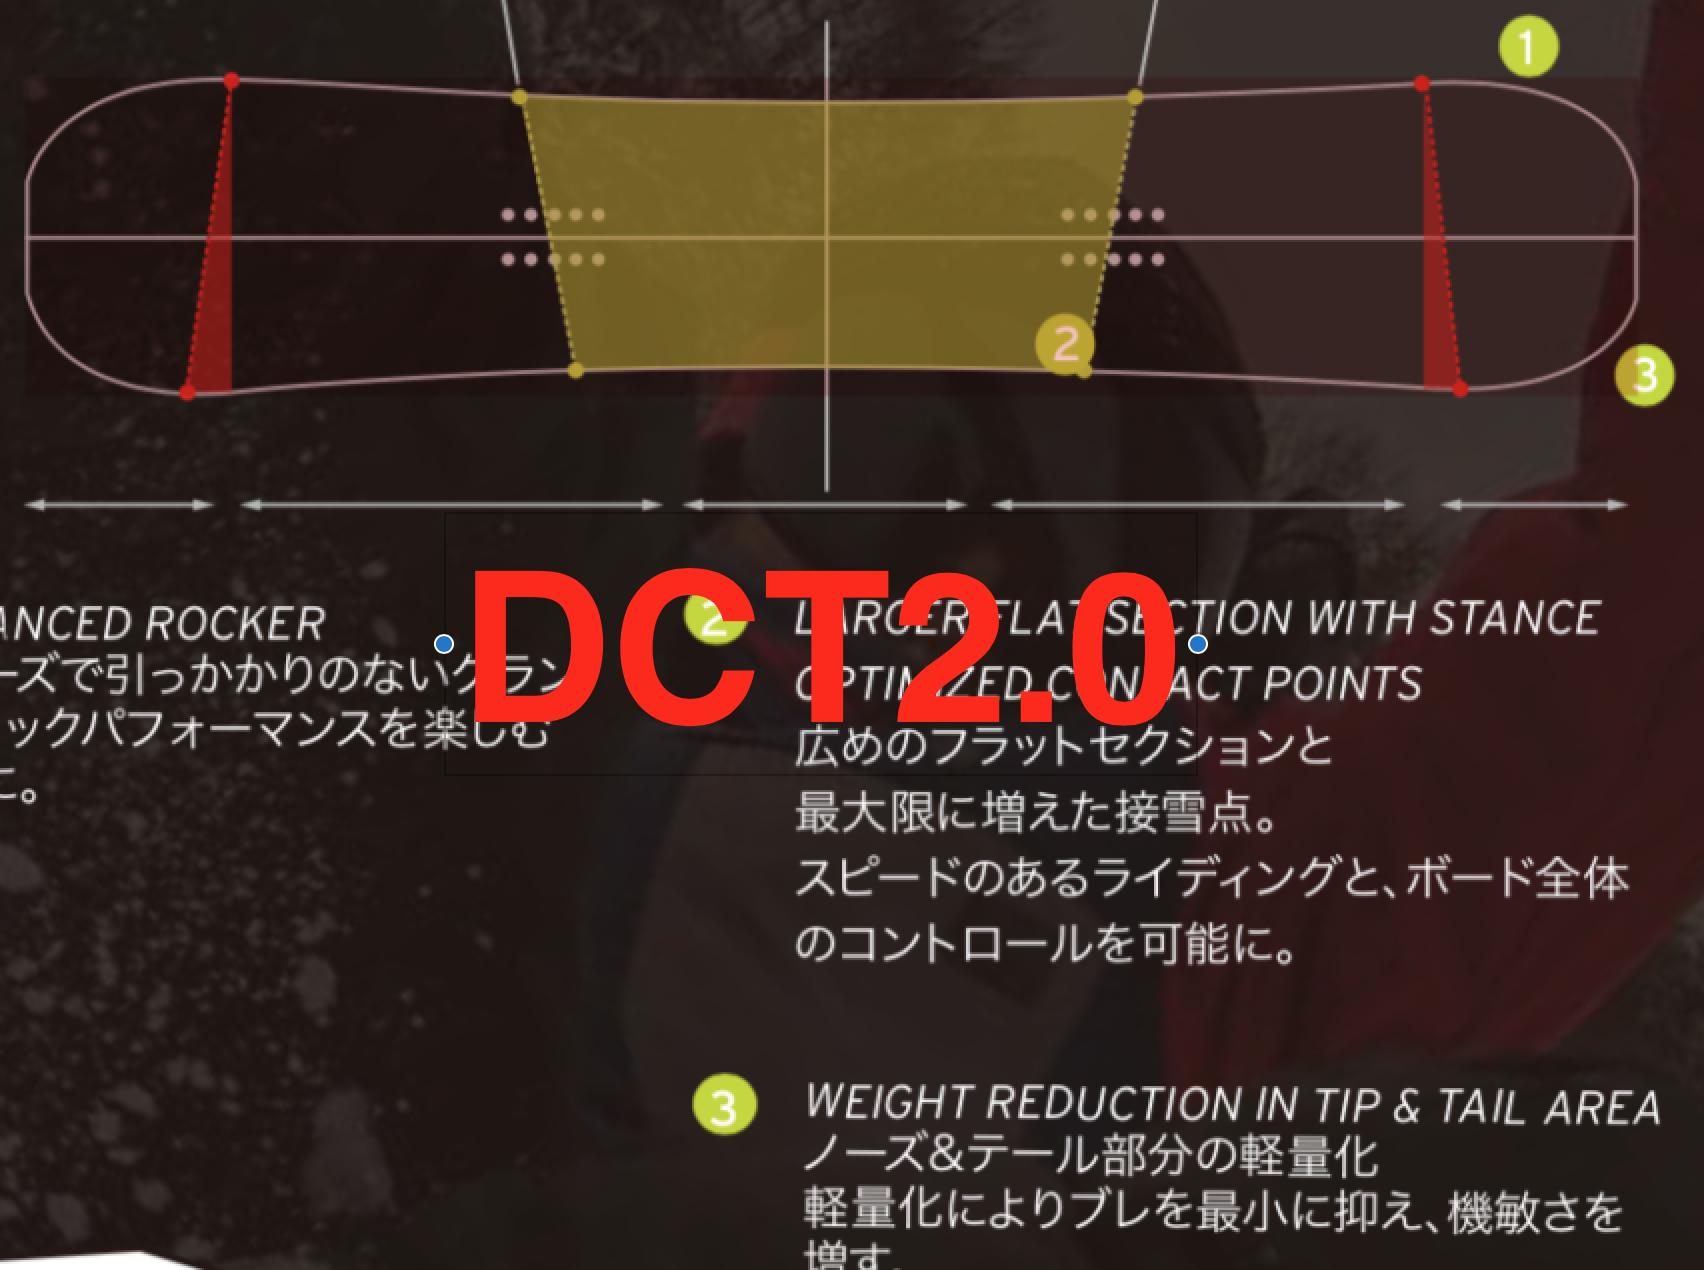 19-20モデル 新形状DCT2.0 vs DCT がアップデートされたところを徹底比較。